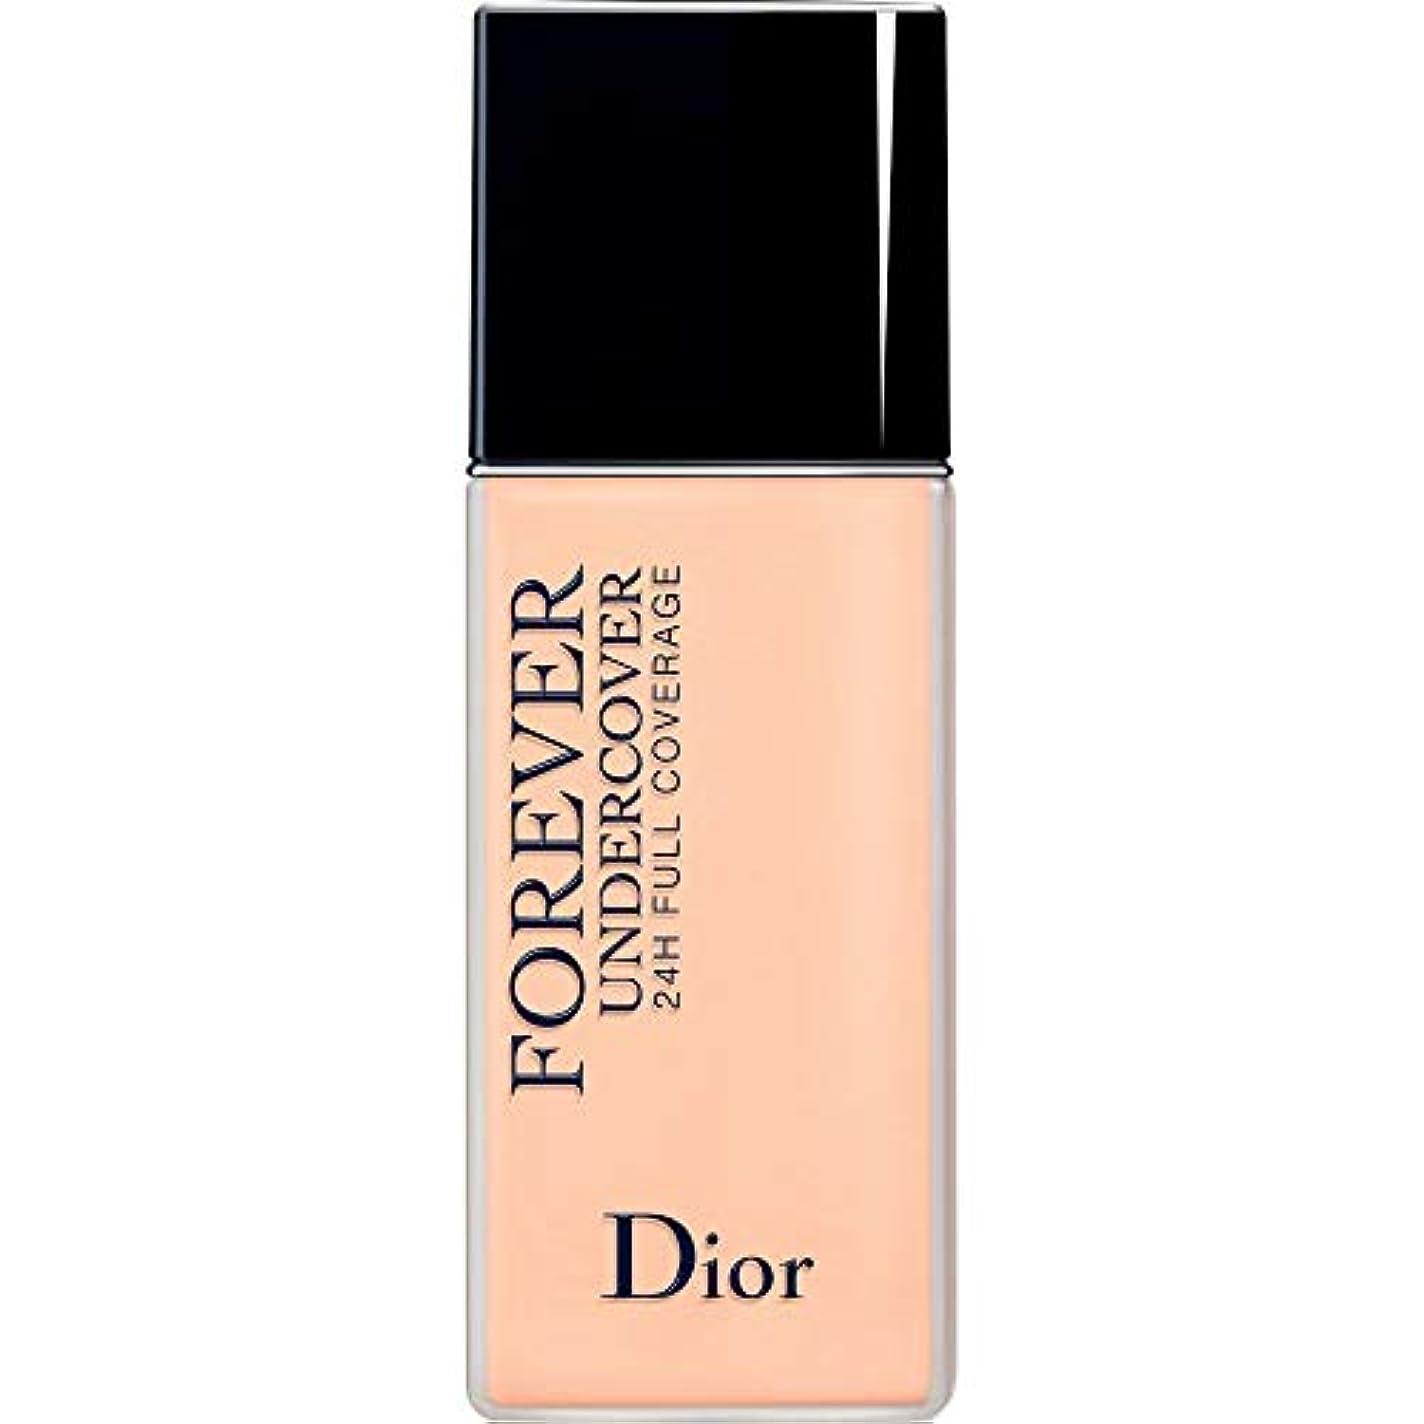 しゃがむ摂氏度大人[Dior ] ディオールディオールスキン永遠アンダーカバーフルカバーの基礎40ミリリットル012 - 磁器 - DIOR Diorskin Forever Undercover Full Coverage Foundation...